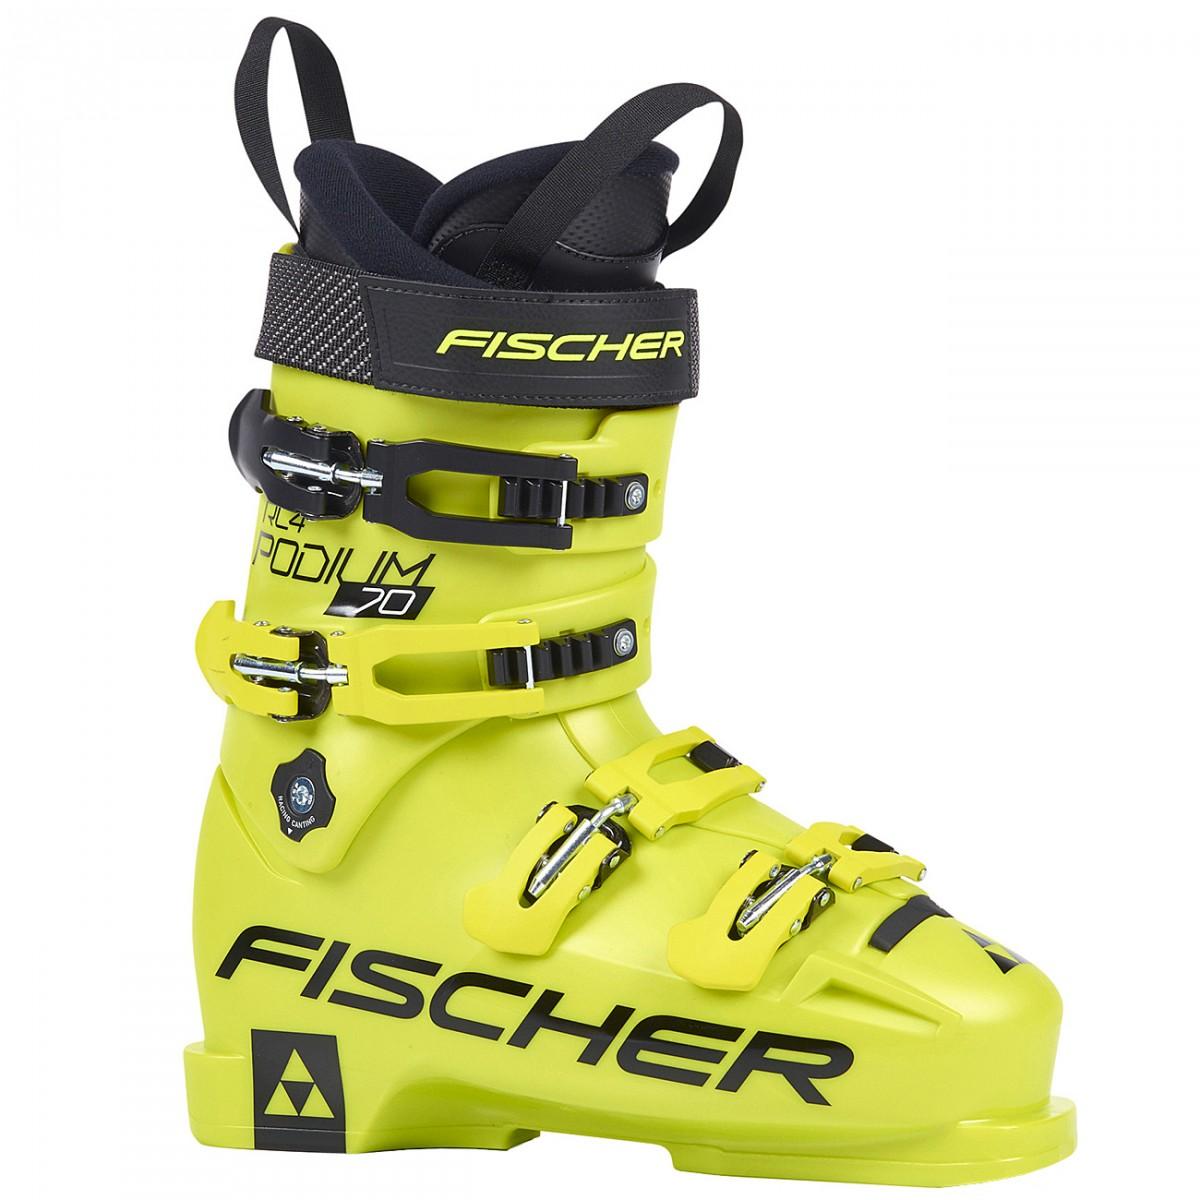 Scarponi sci Fischer RC4 Podium 70 (Colore: giallo, Taglia: 25.5)